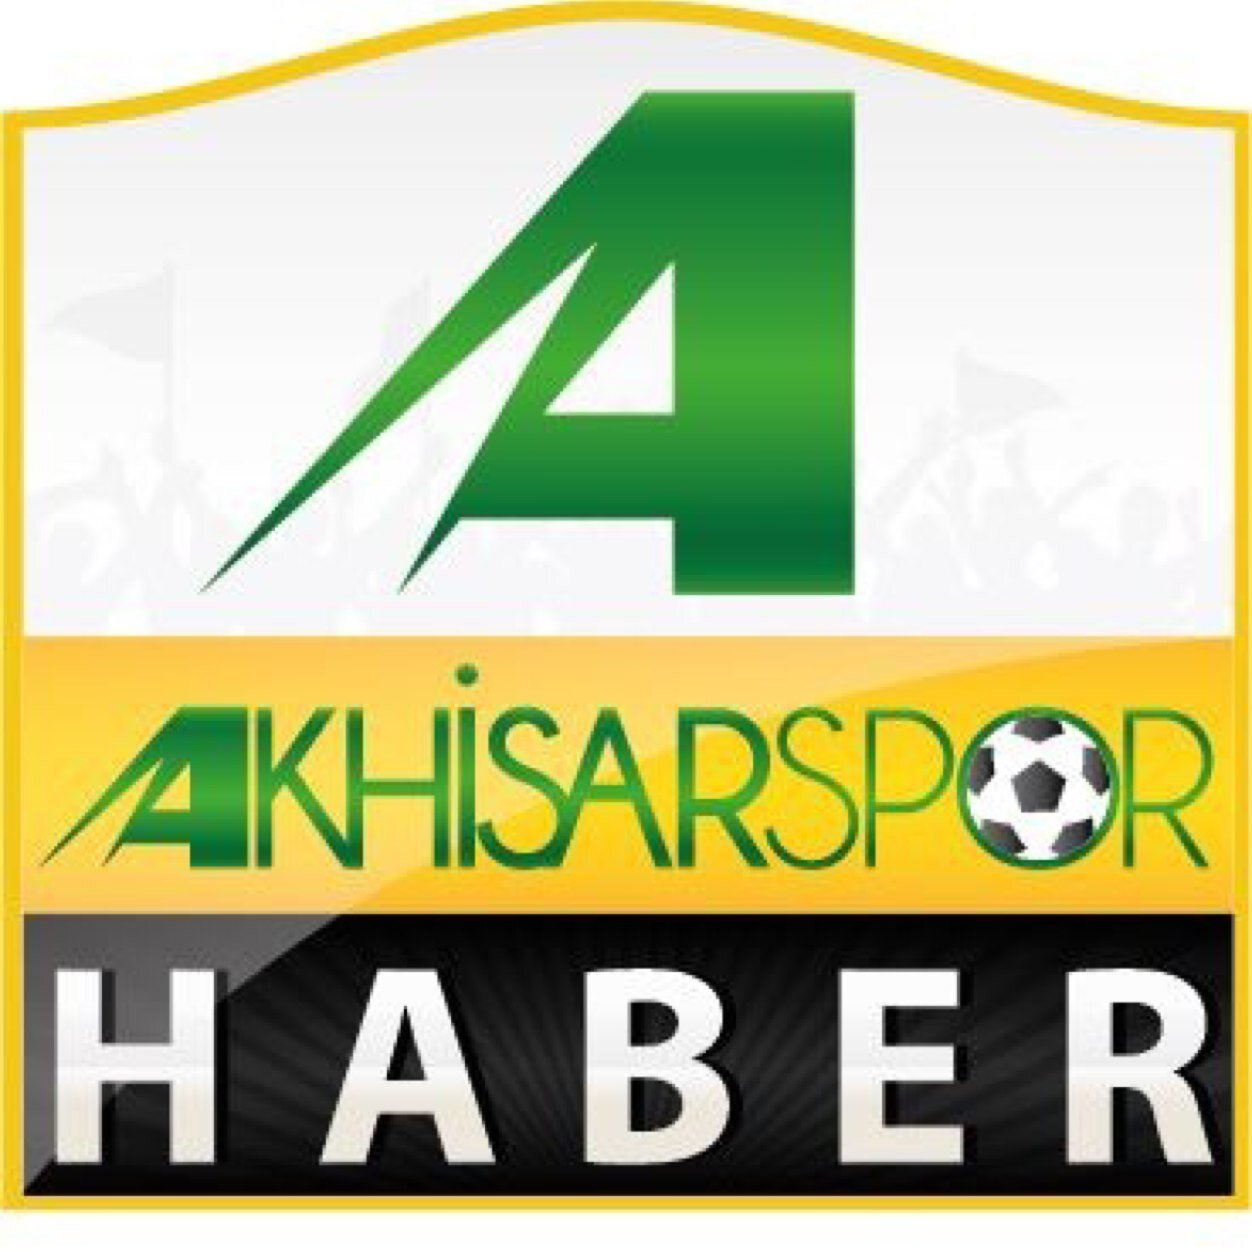 Akhisar Spor Haber  Twitter Hesabı Profil Fotoğrafı